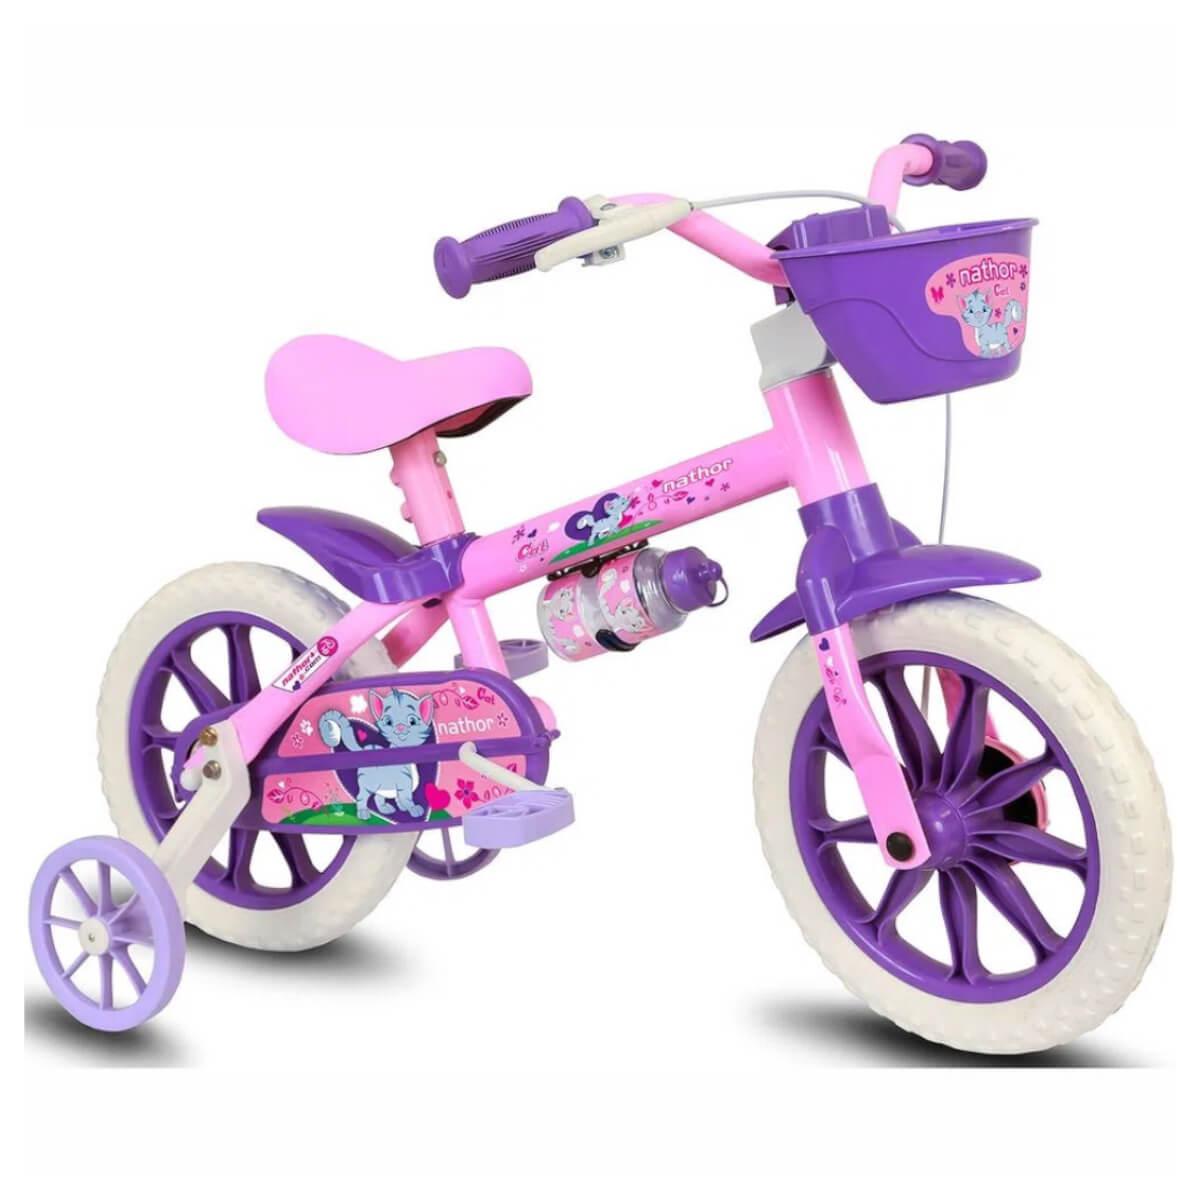 Bicicleta Infantil Nathor Rosa Roxo Aro 12 Rodinha e Cesta